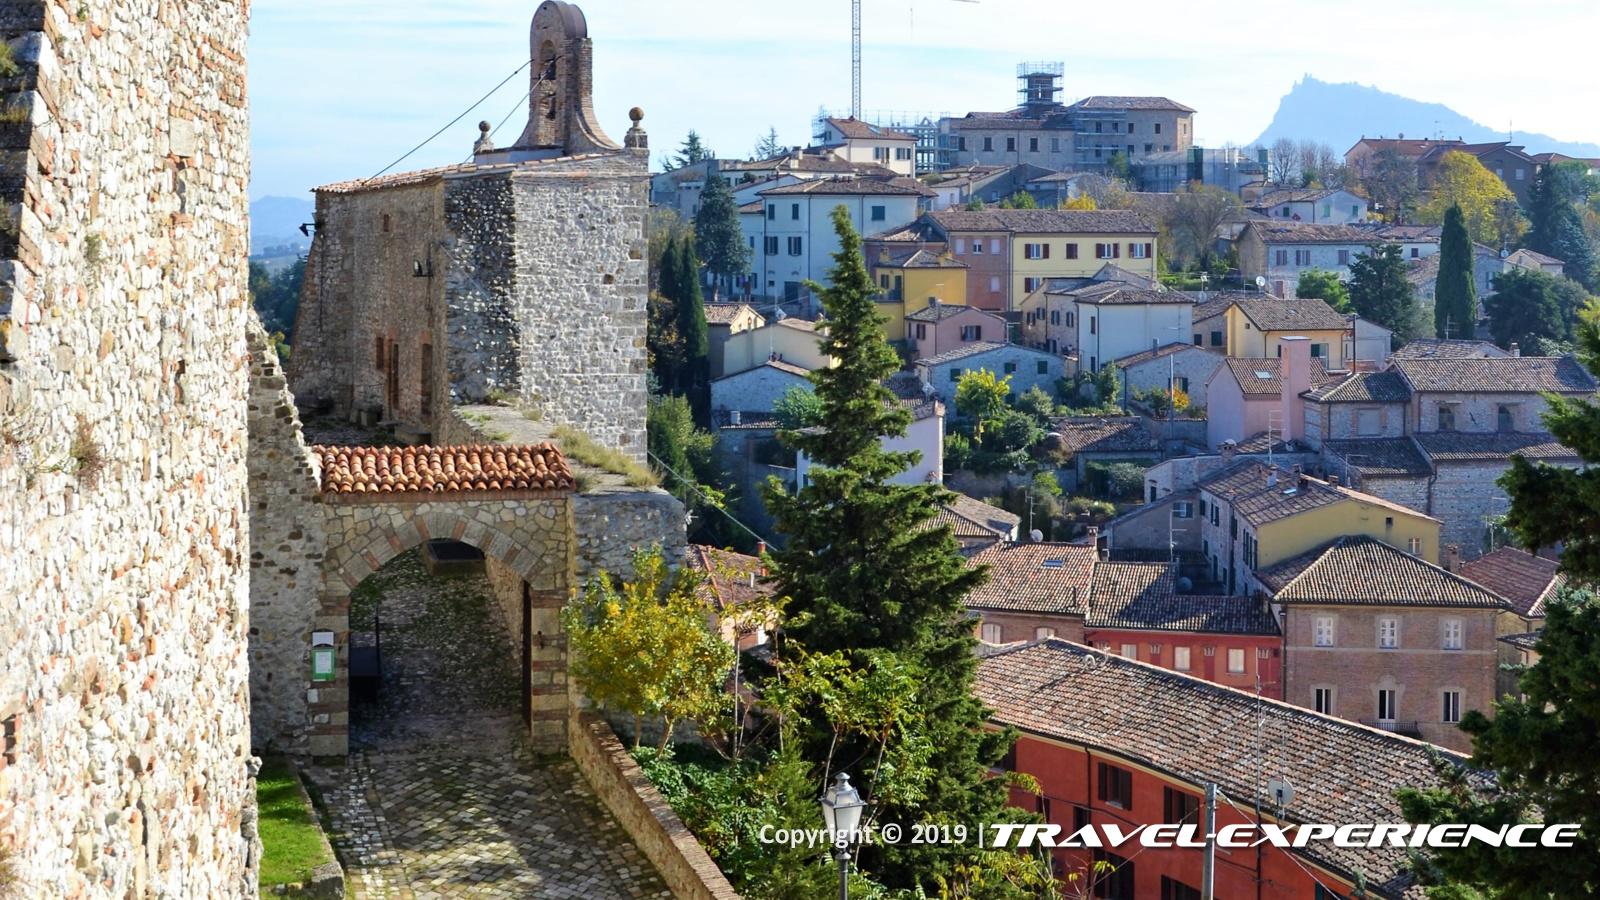 entrata del castello di Montebello, detto di Azzurrina